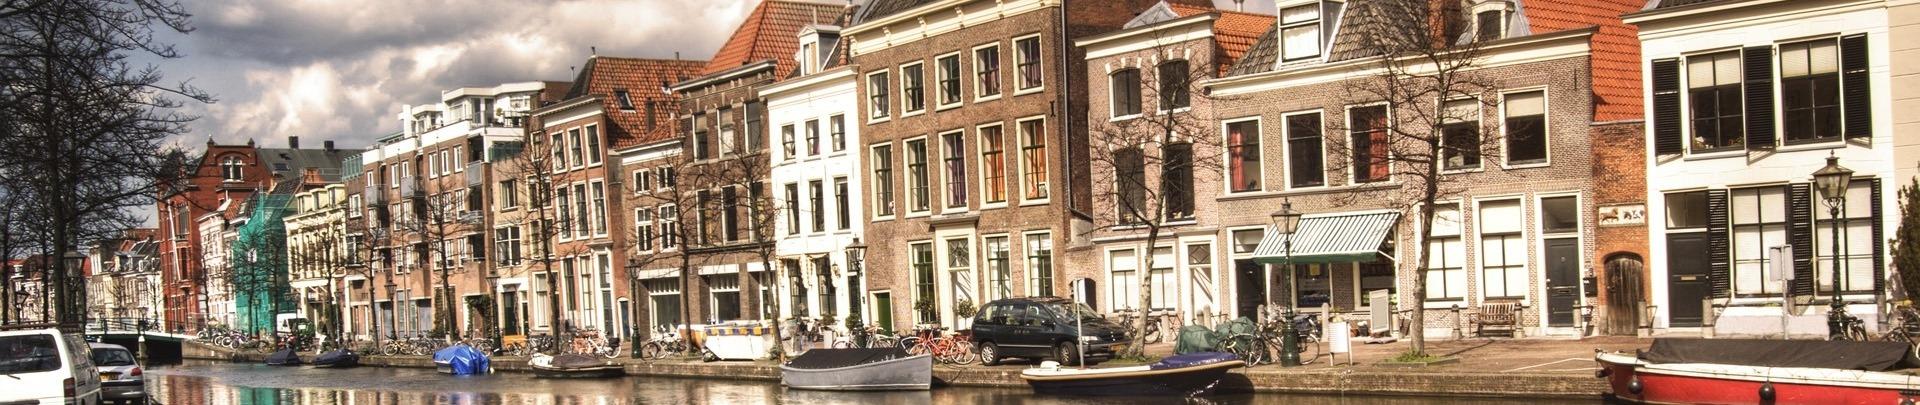 Gracht met mooie oude huizen